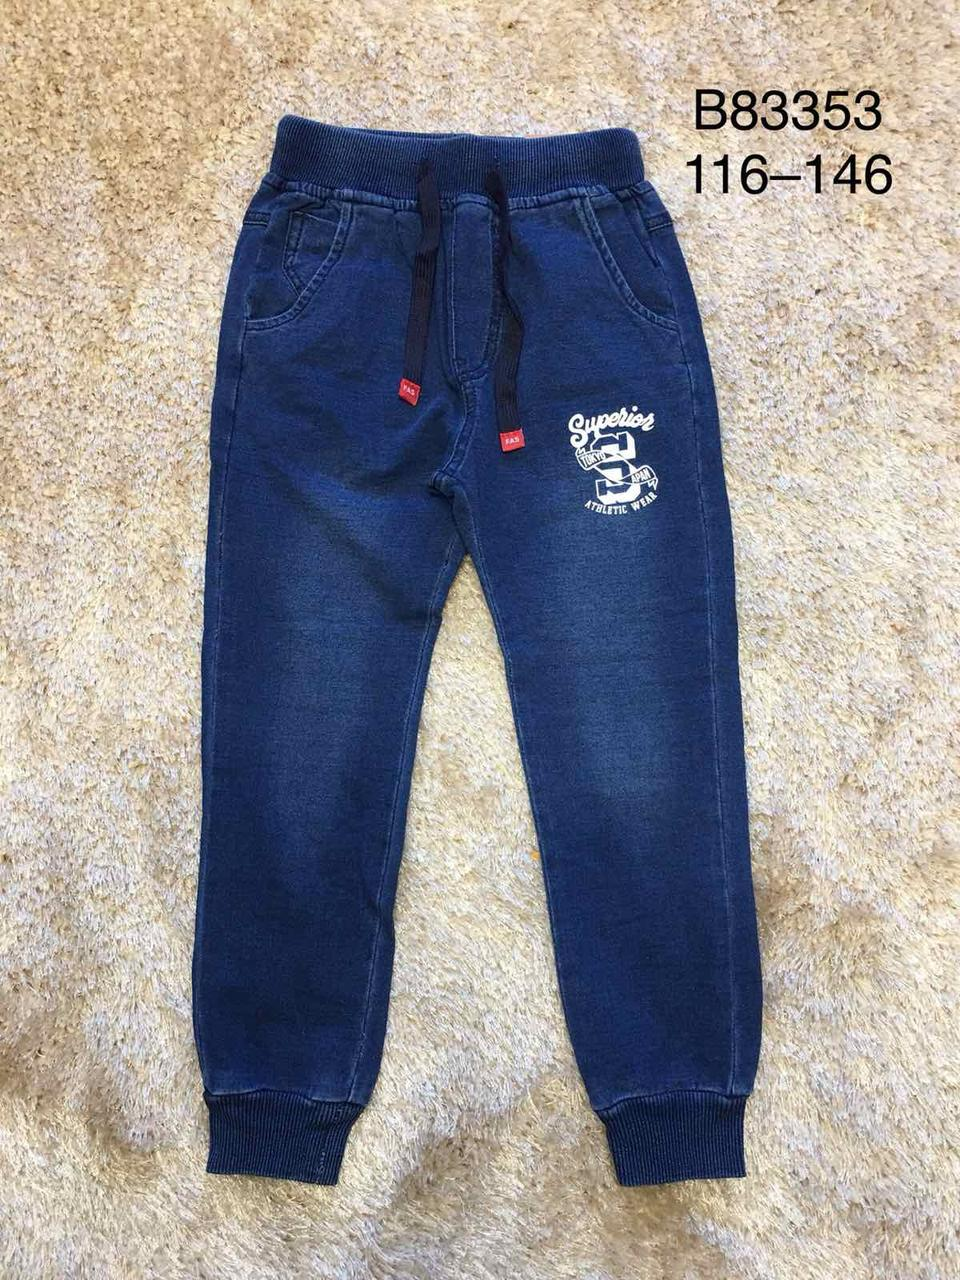 Брюки под джинс для мальчиков оптом, Grace, 116-146 см, Арт. B83353